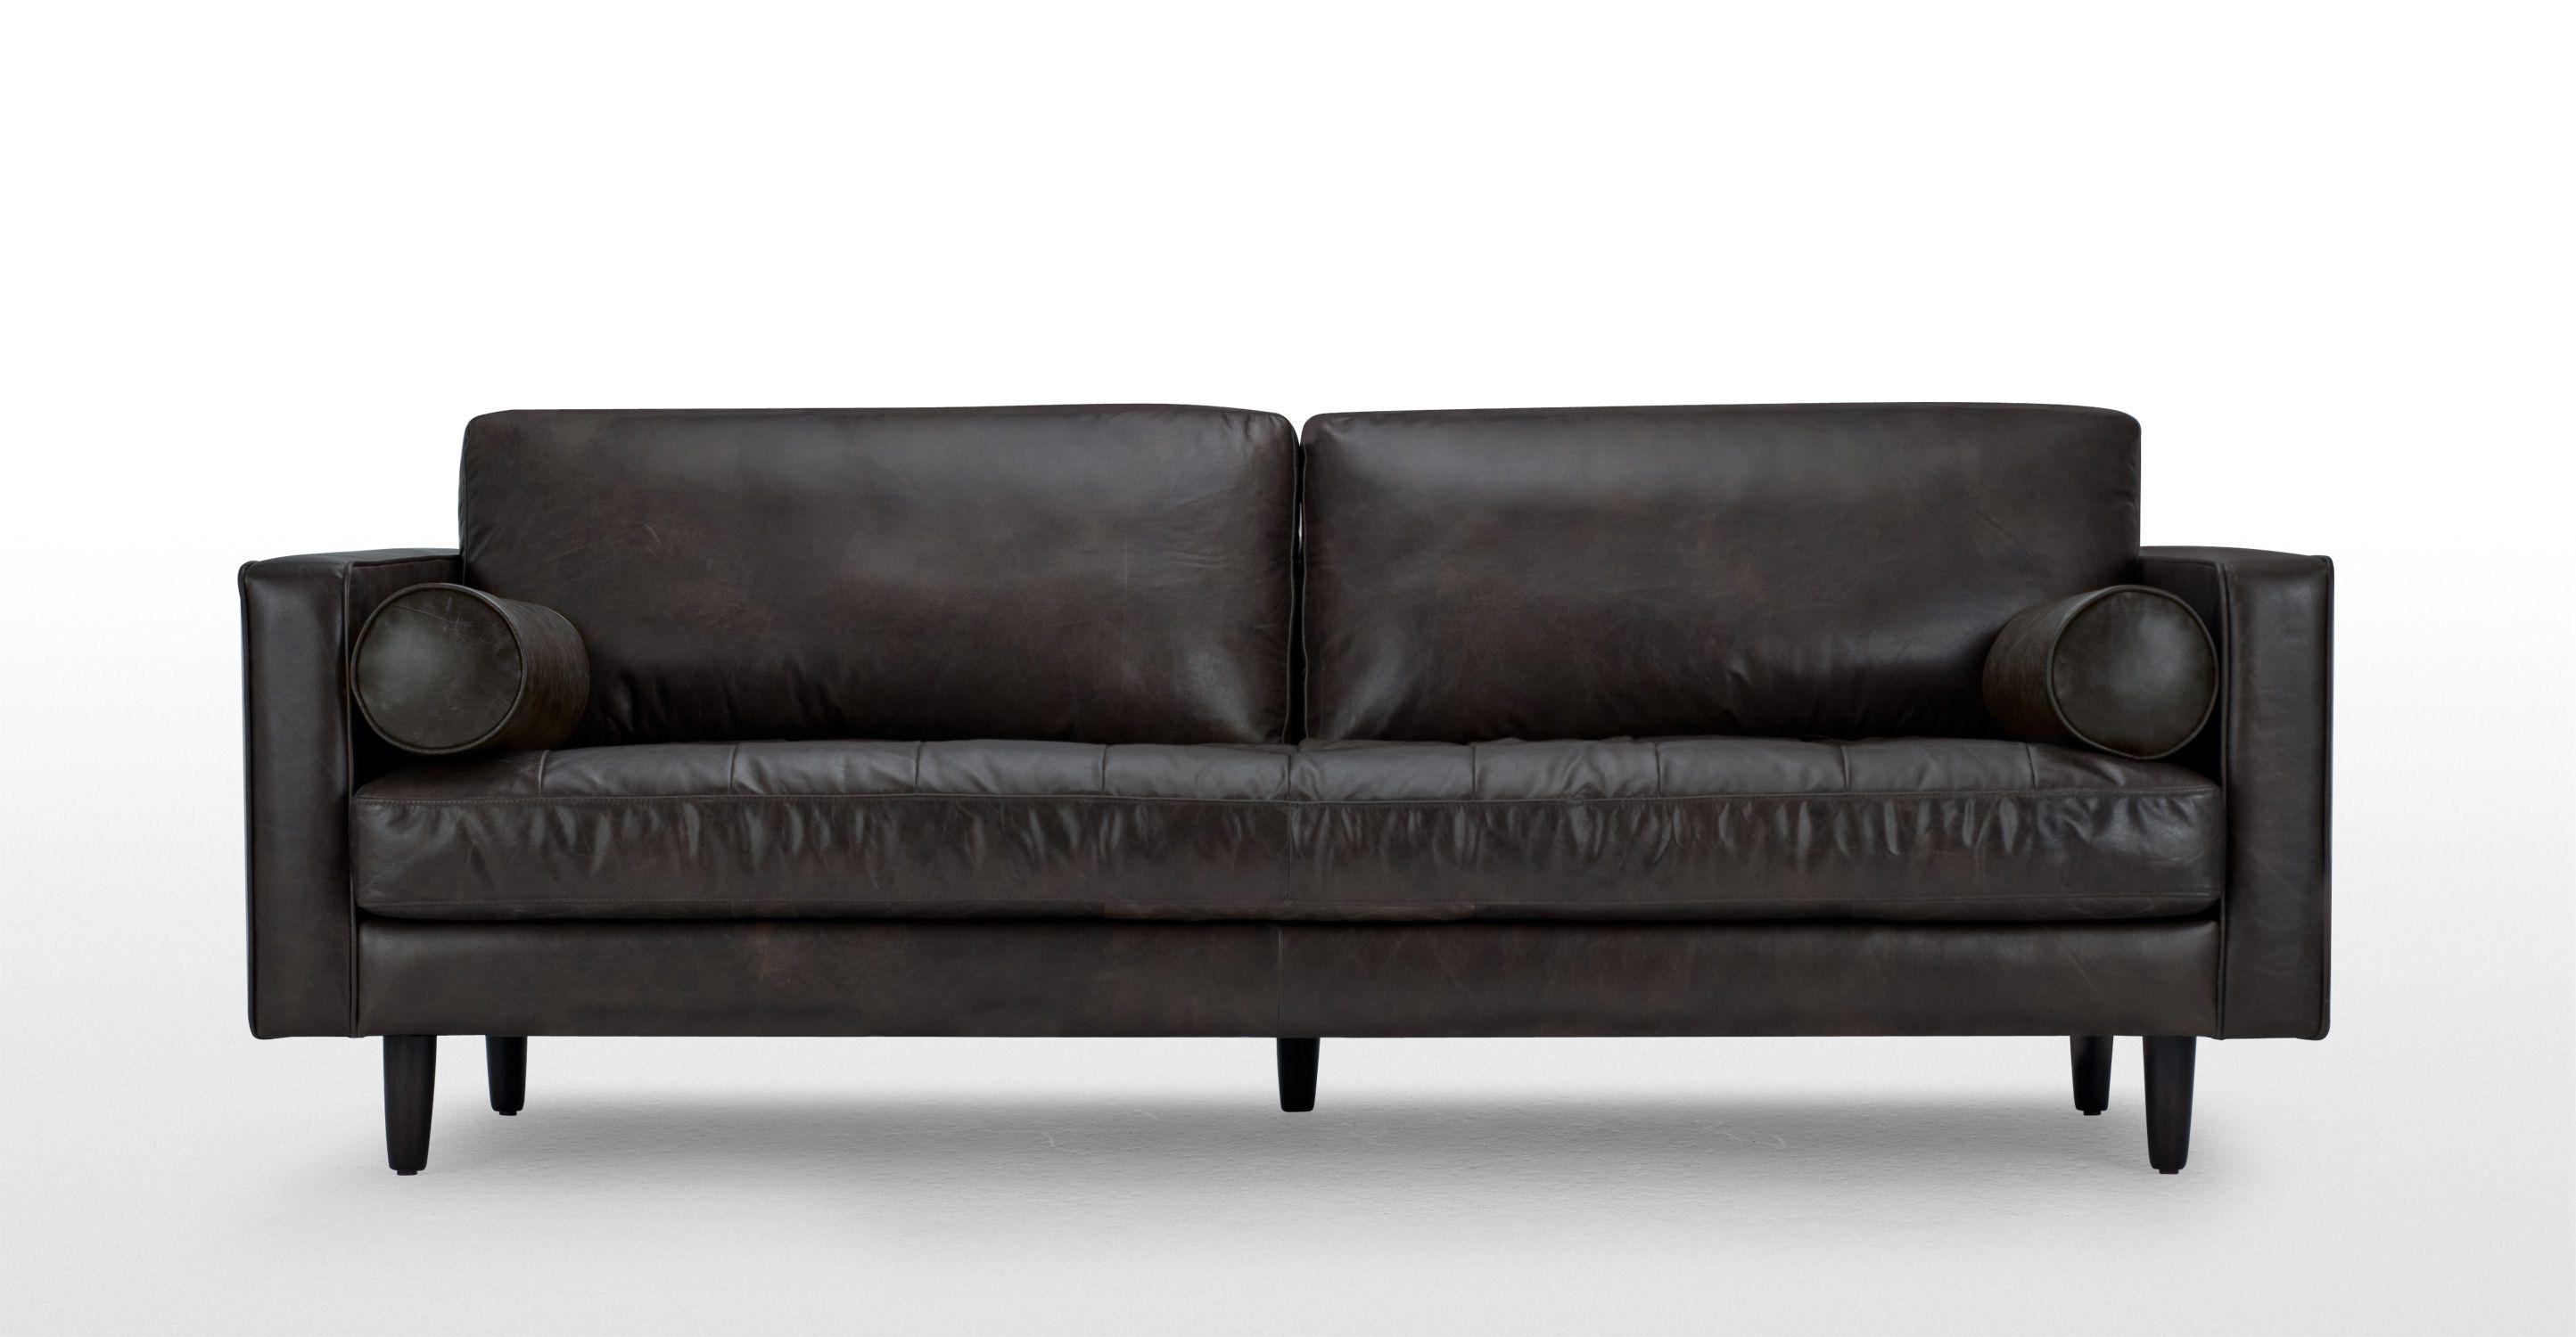 Scott 3 Seater Sofa Vintage Brown Premium Leather Canape Cuir Noir Canape 3 Places Fauteuil Club Cuir